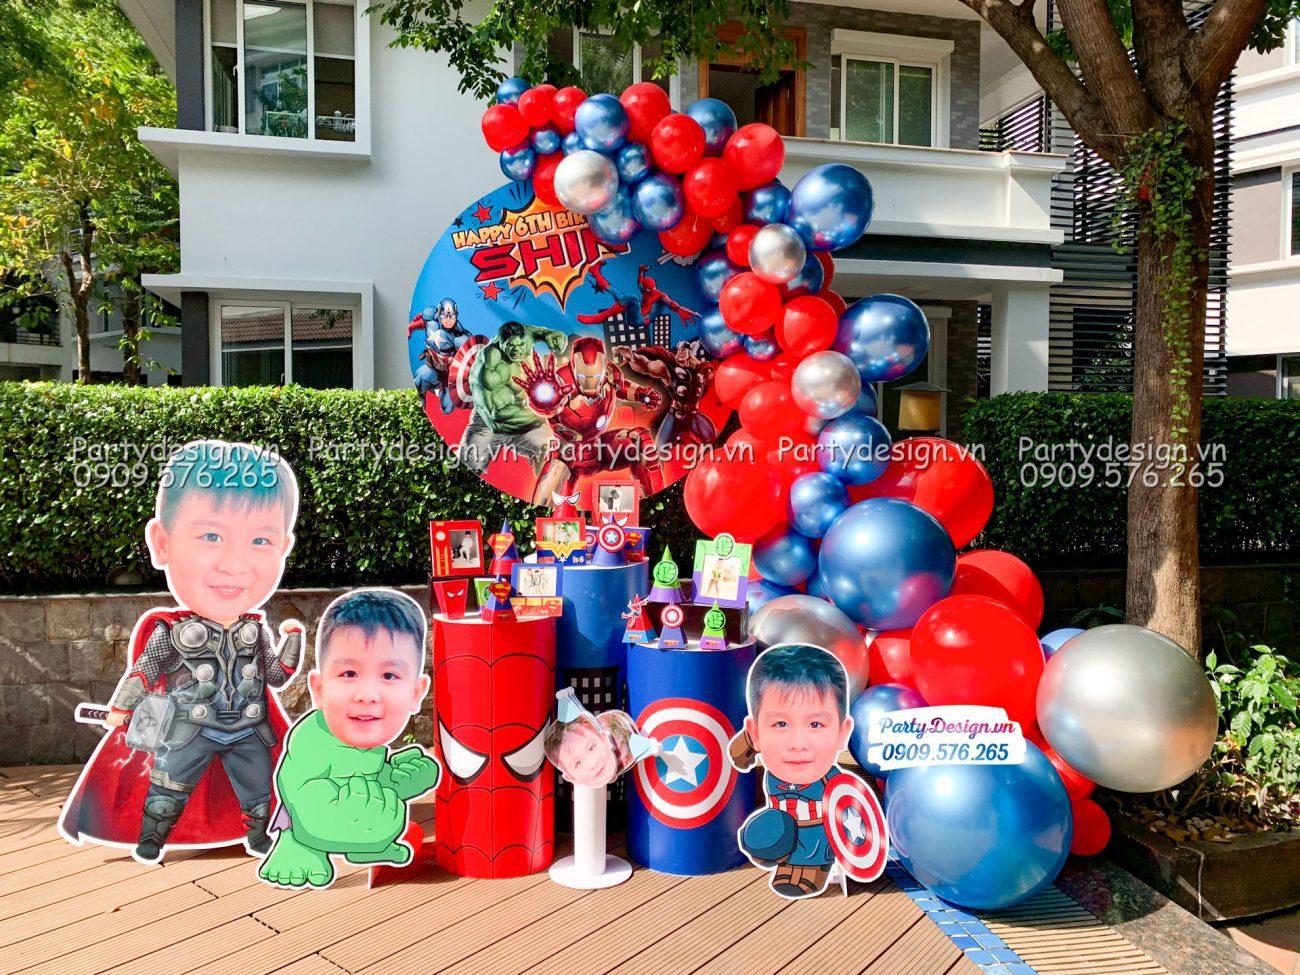 Trang trí sinh nhật tại nhà chủ đề Avengers cho bé trai